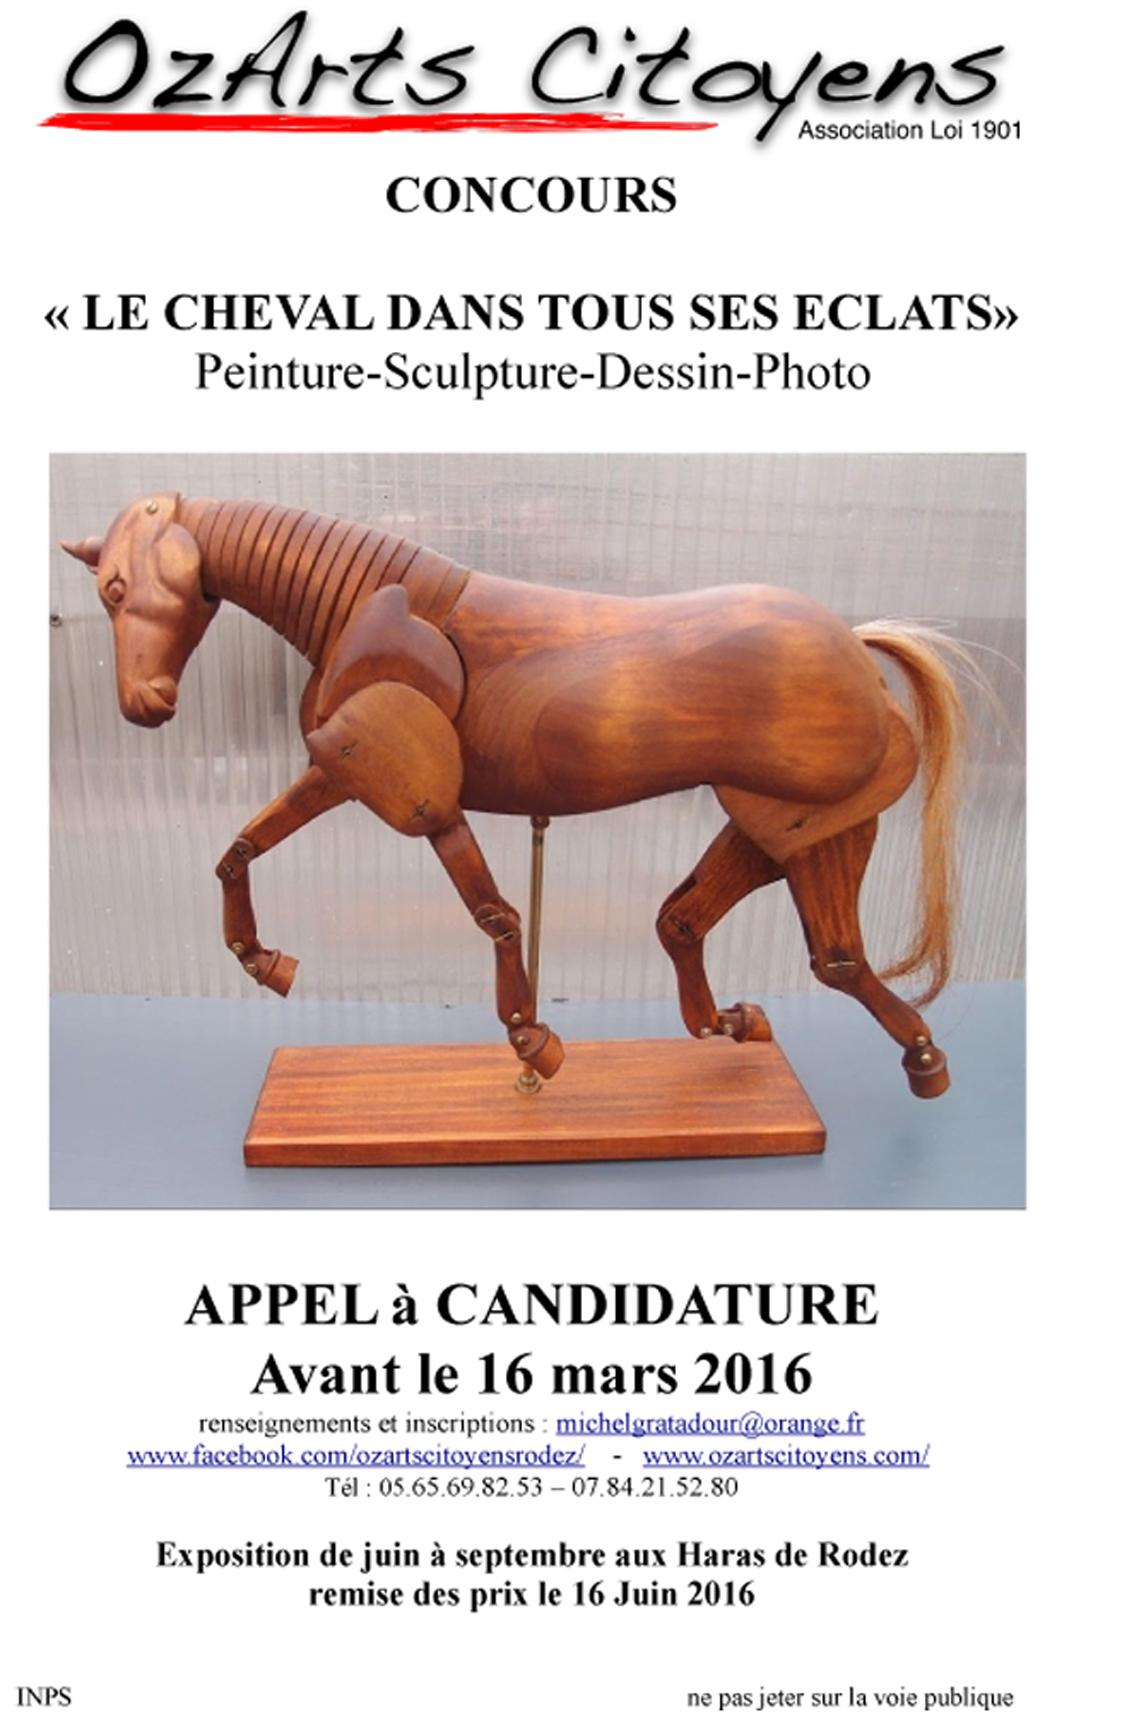 Actualit� de facebook.com/ozartscitoyensrodez  association artistique Concours de peinture, sculpture, .....